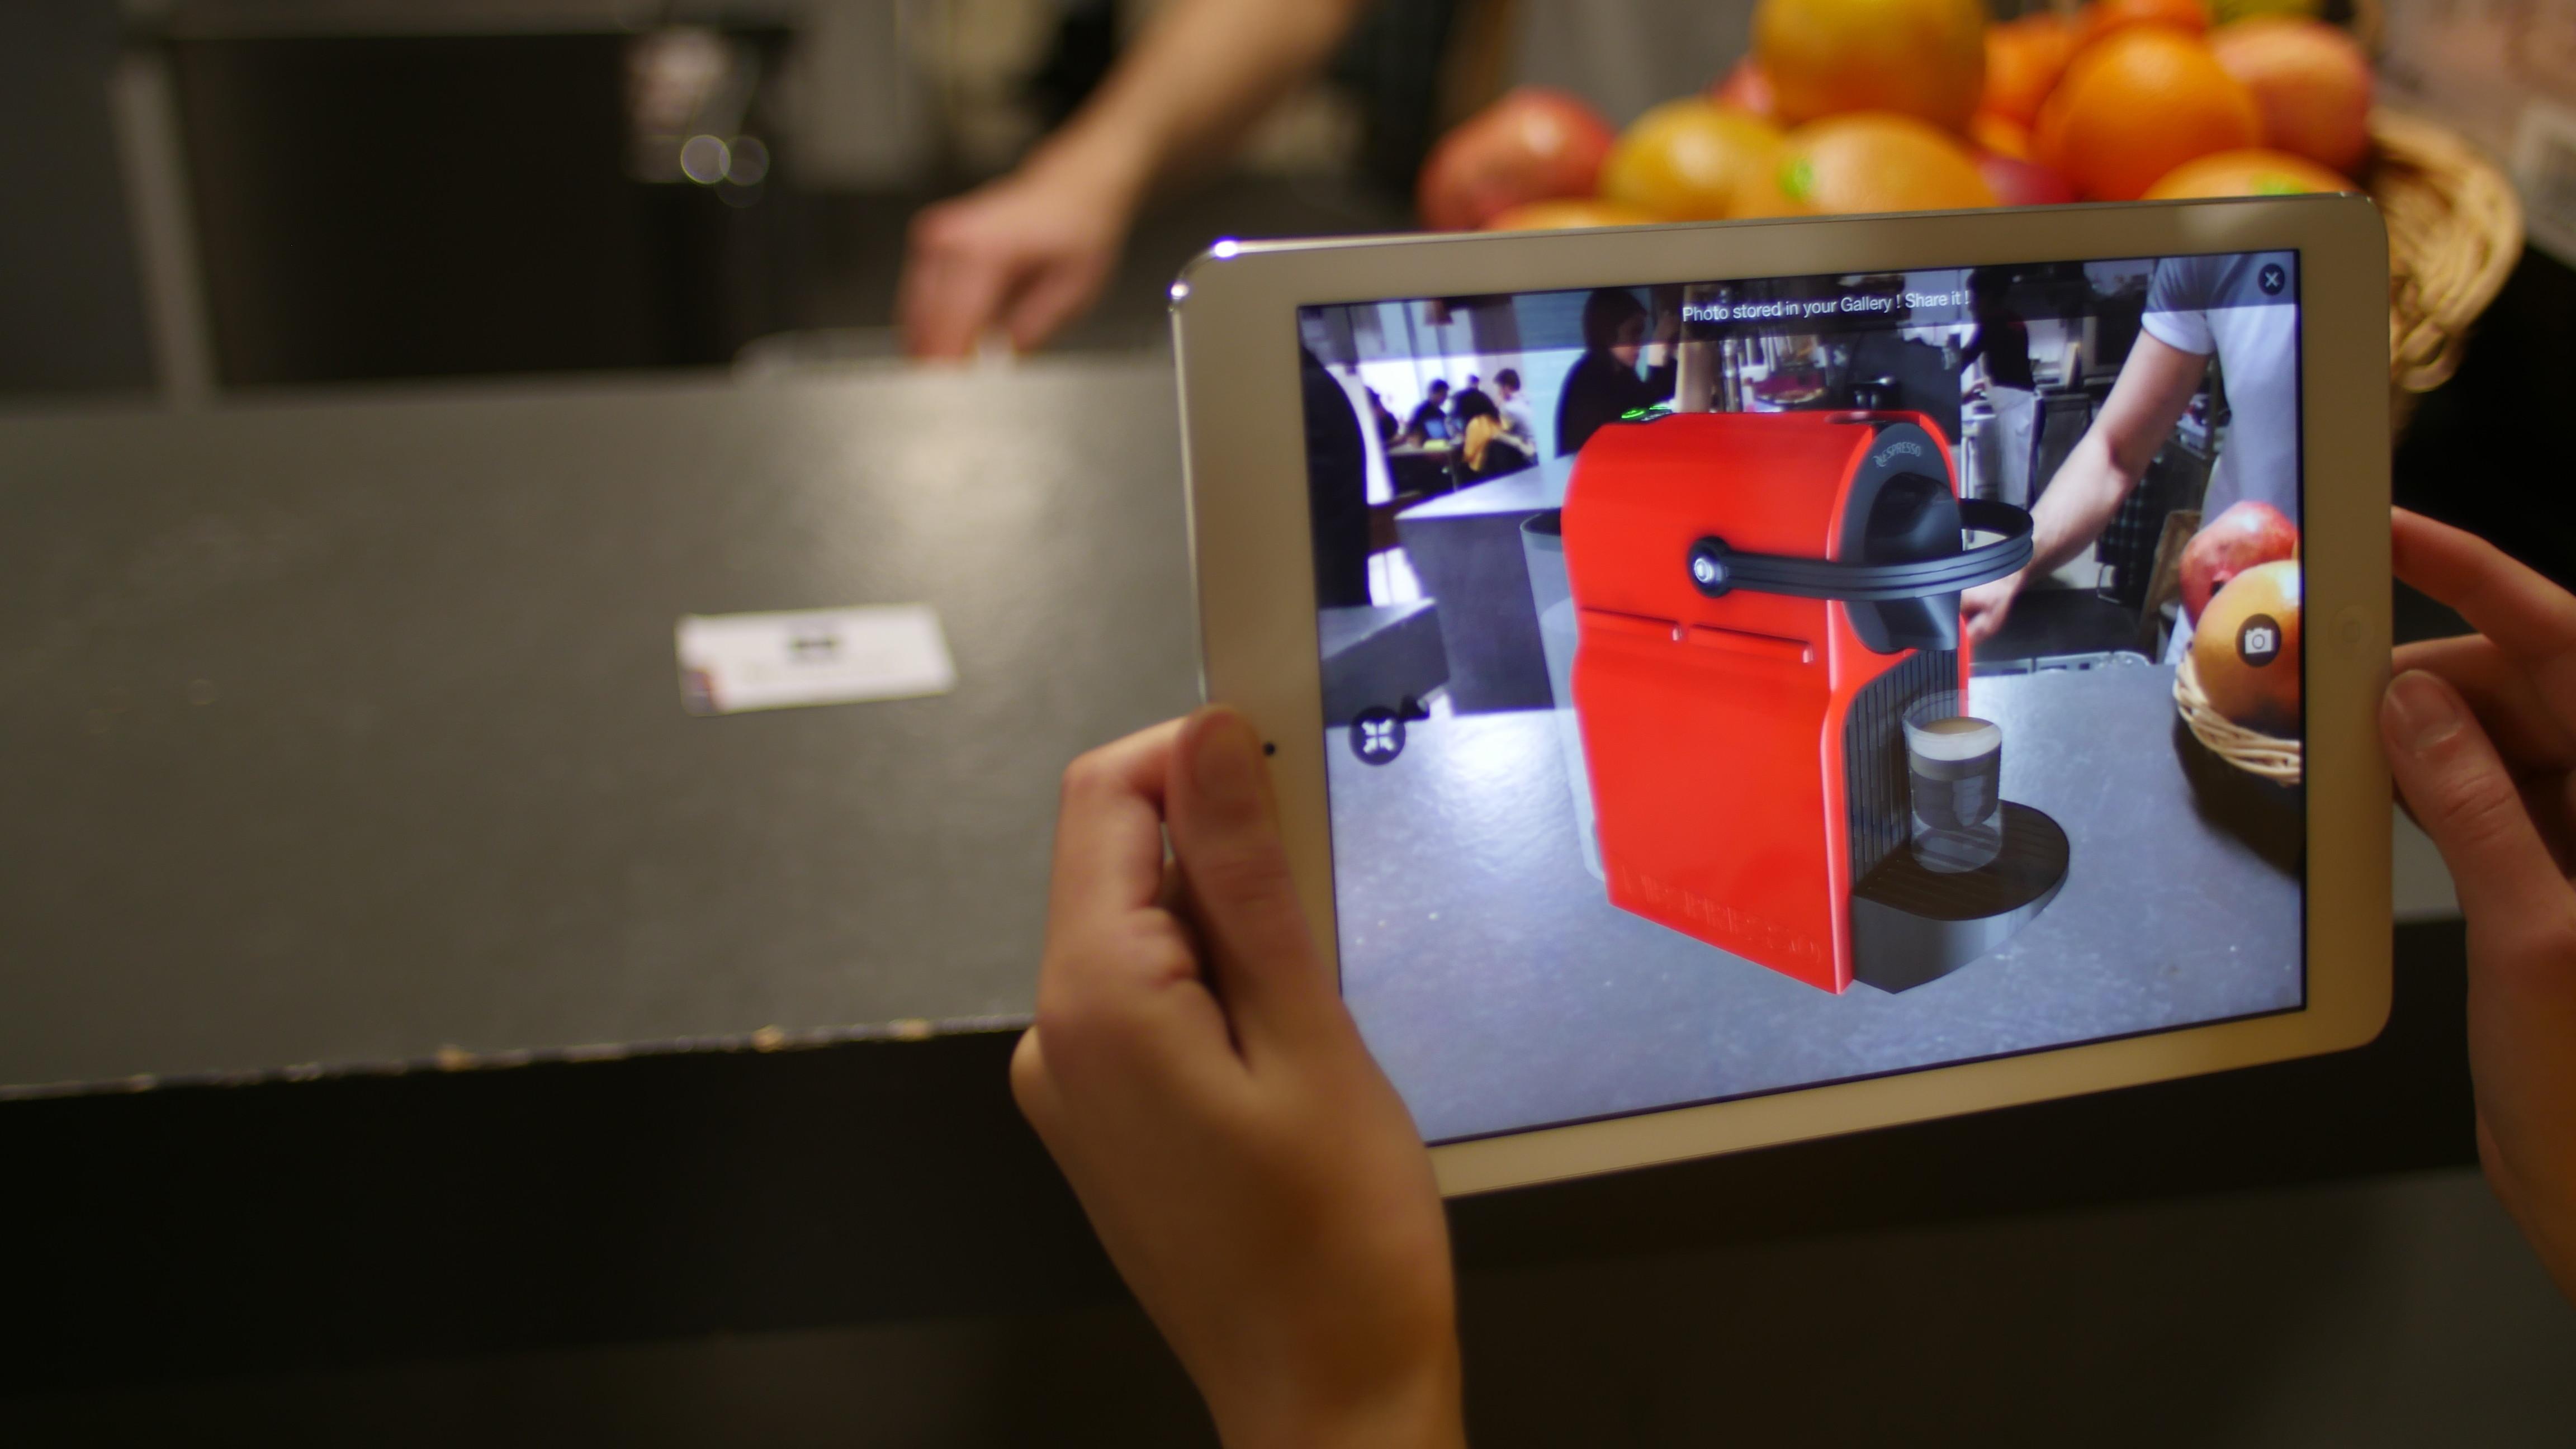 Acheter en ligne grâce à la réalité augmentée